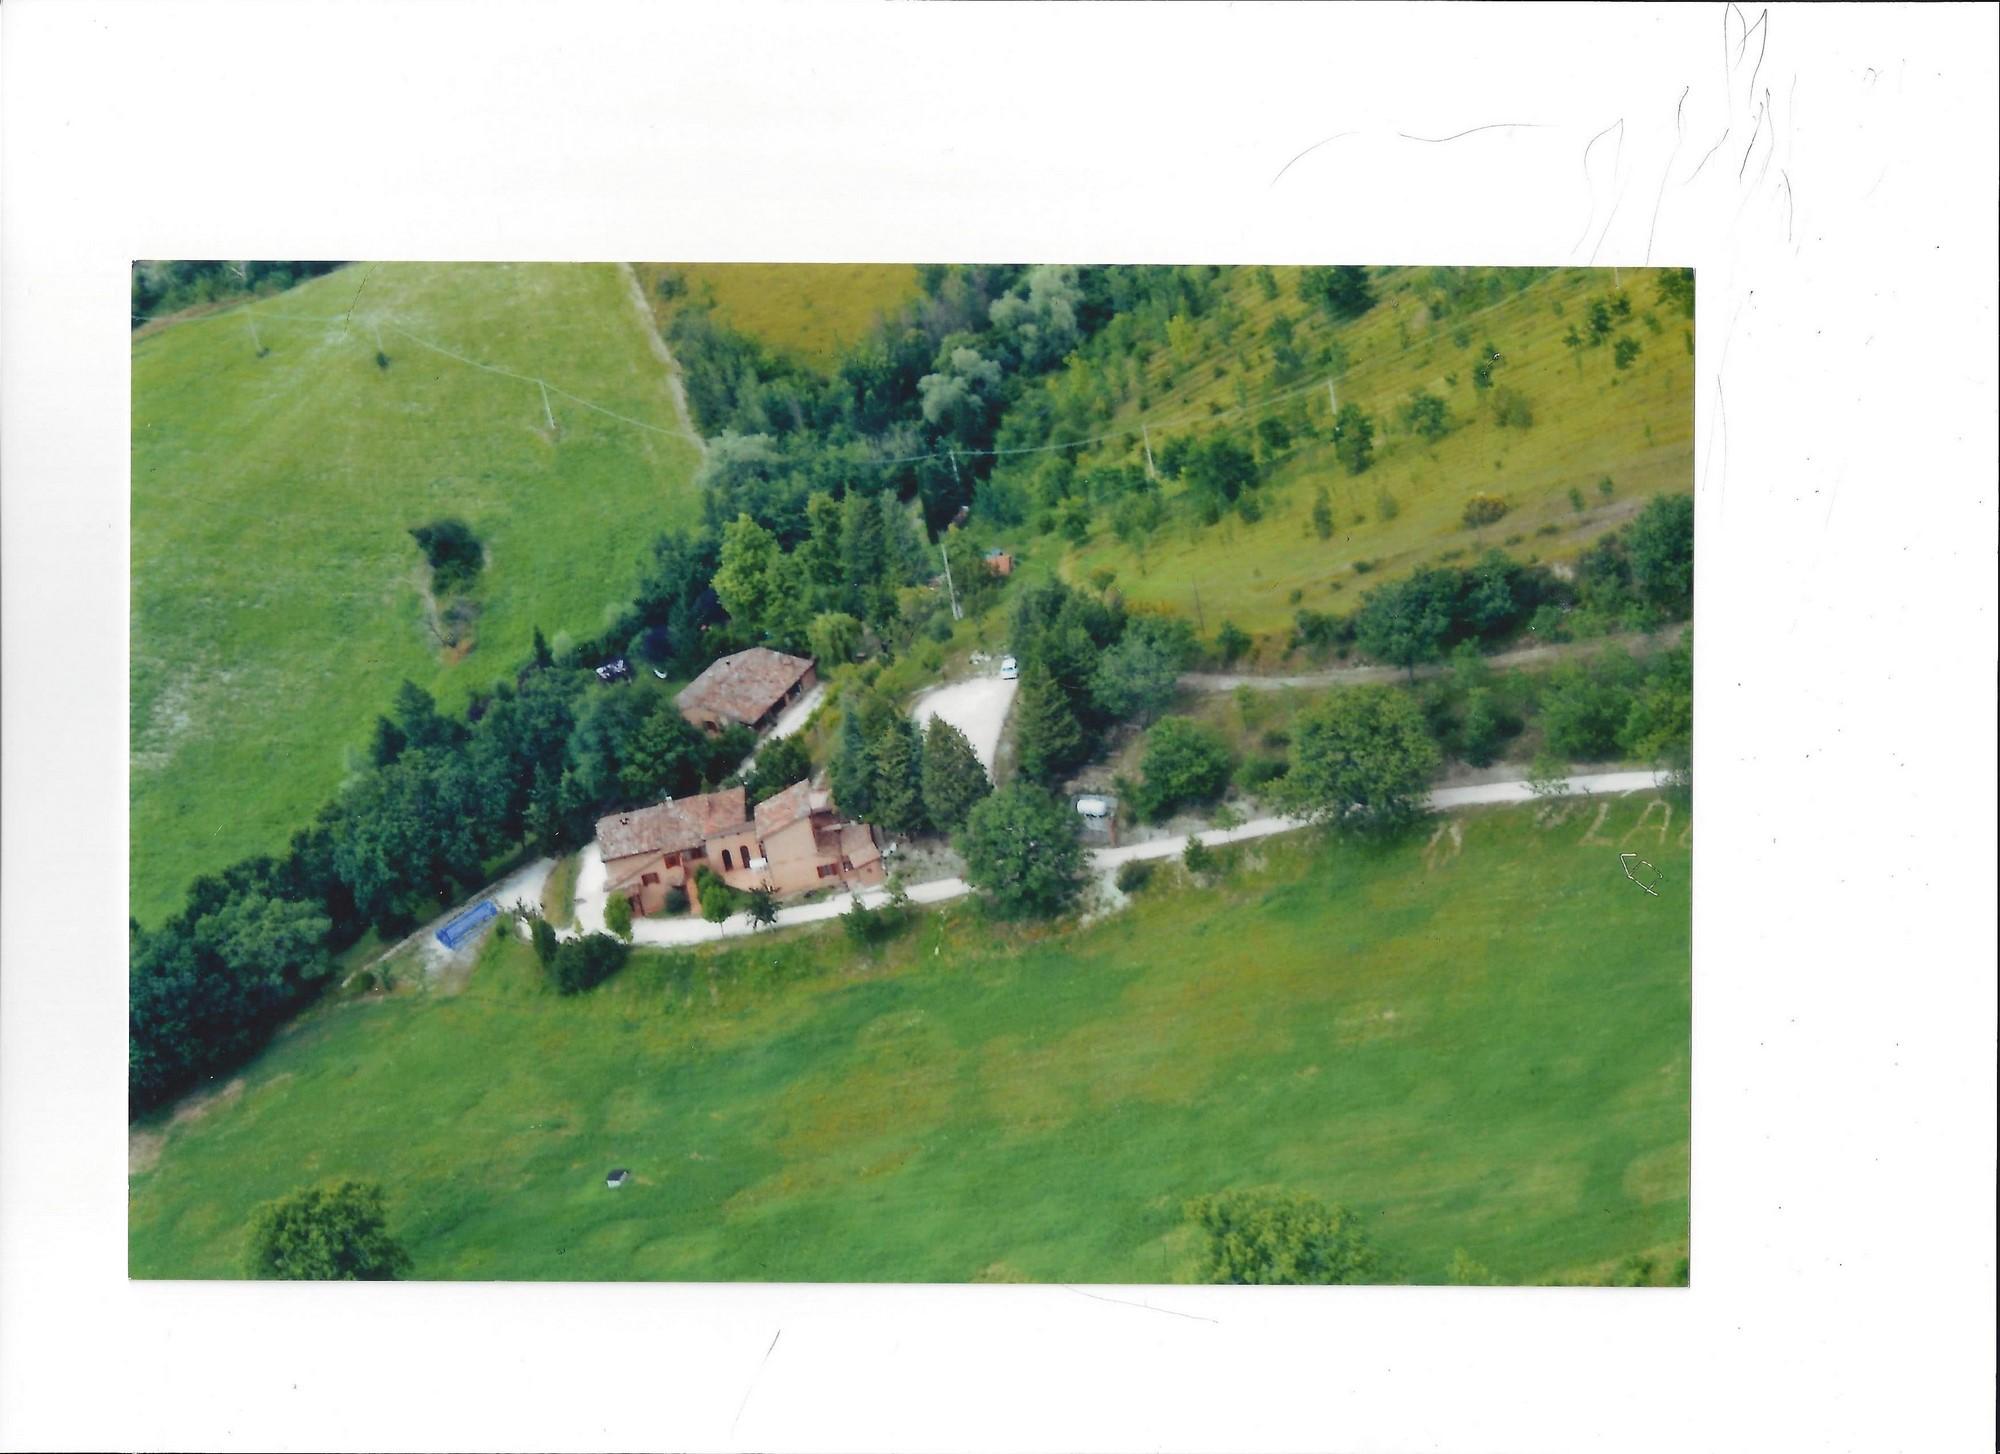 Agenzie Immobiliari Bassano agriturismo bassano di fabriano (villa_casale) - immobiliare